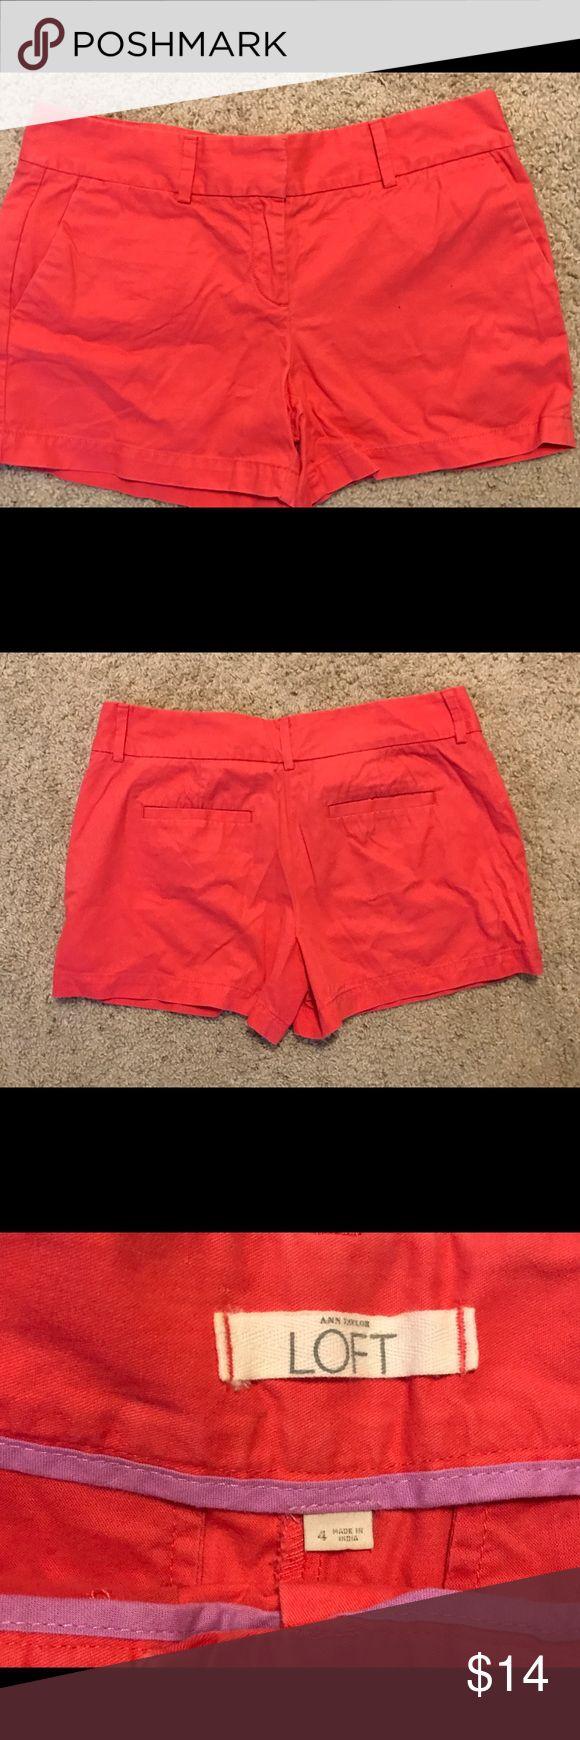 Anne Taylor Loft shorts Super cute Coral color Anne Taylor shorts.  EUC LOFT Shorts